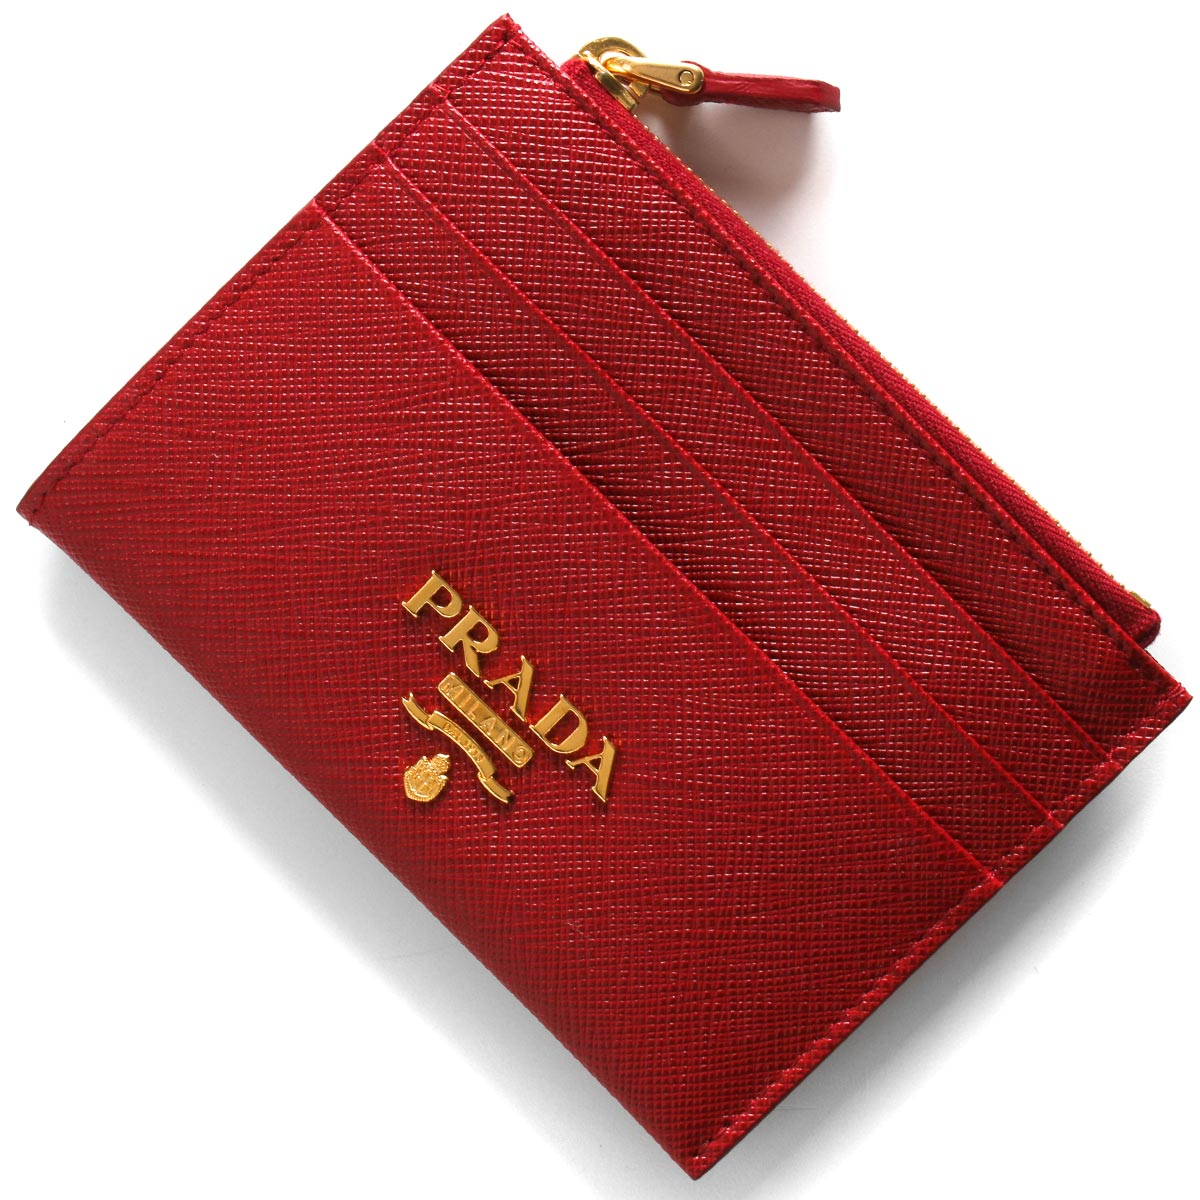 [送料無料]プラダ PRADA 財布 コインケース【小銭入れ】 1MC026 QWA F068Z 【新品】 プラダ コインケース【小銭入れ】/クレジットカードケース 財布 レディース サフィアーノ メタル フォーコレッド 1MC026 QWA F068Z PRADA